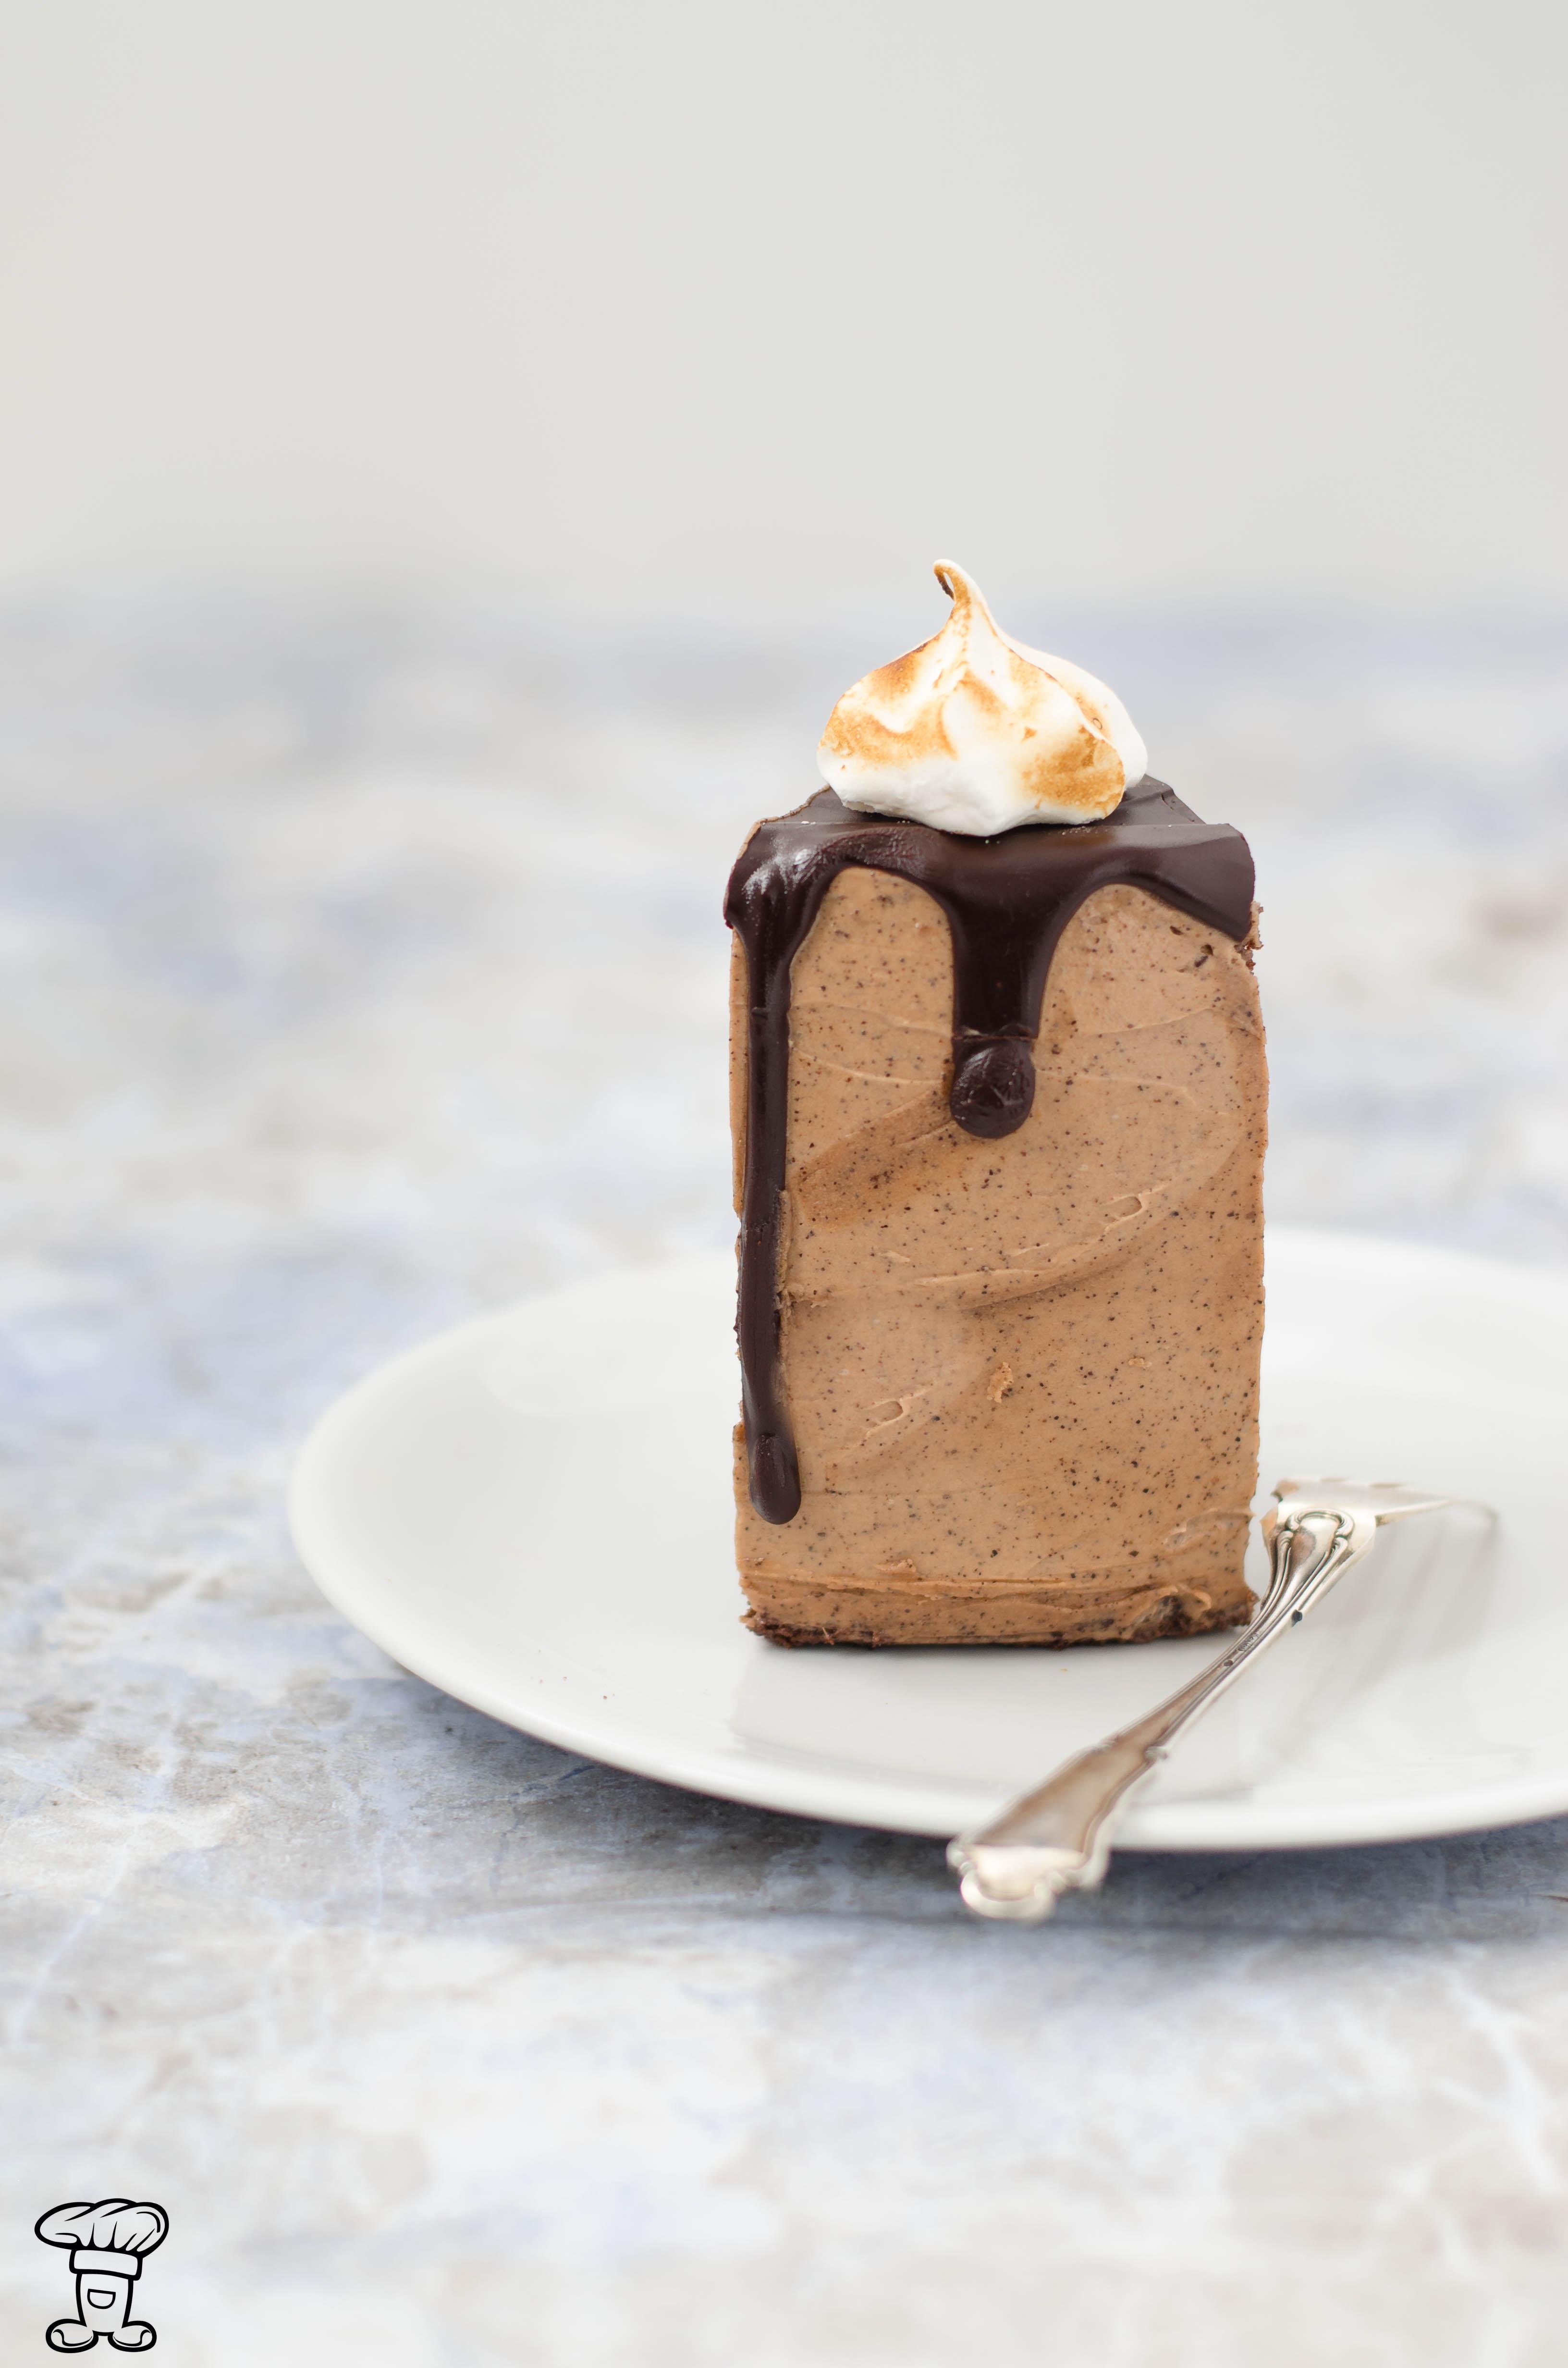 Torta_cioccolato_meringa3 Torta cioccolato e meringa